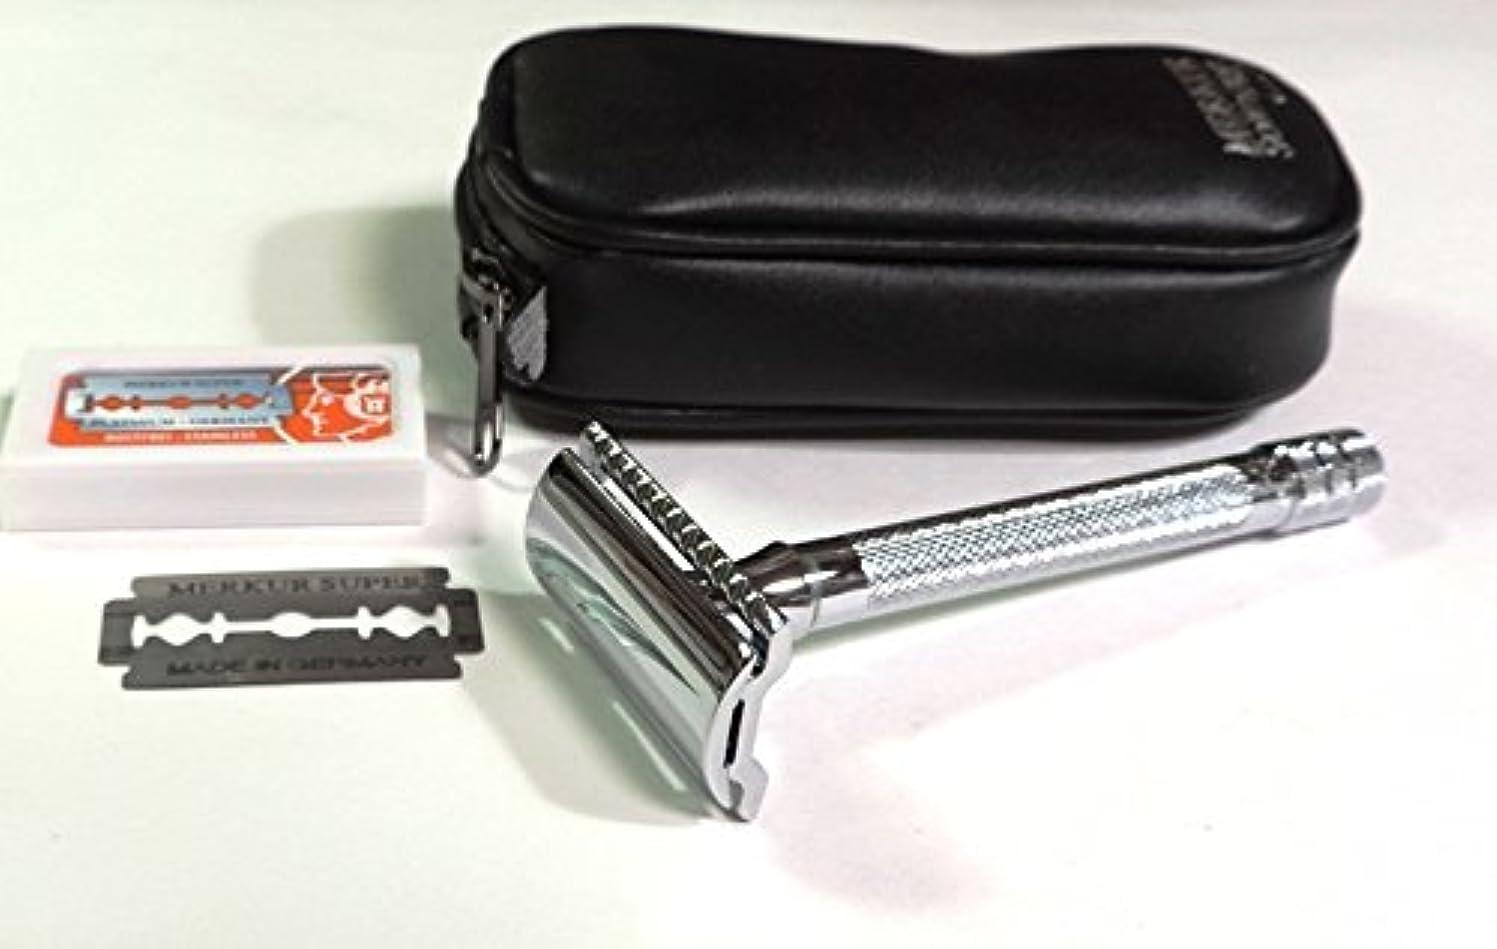 東方楽な奇跡ゾーリンゲン メルクールMERKUR(独)髭剃り(ひげそり)両刃ホルダー23C 替刃11枚、携帯ポーチ付